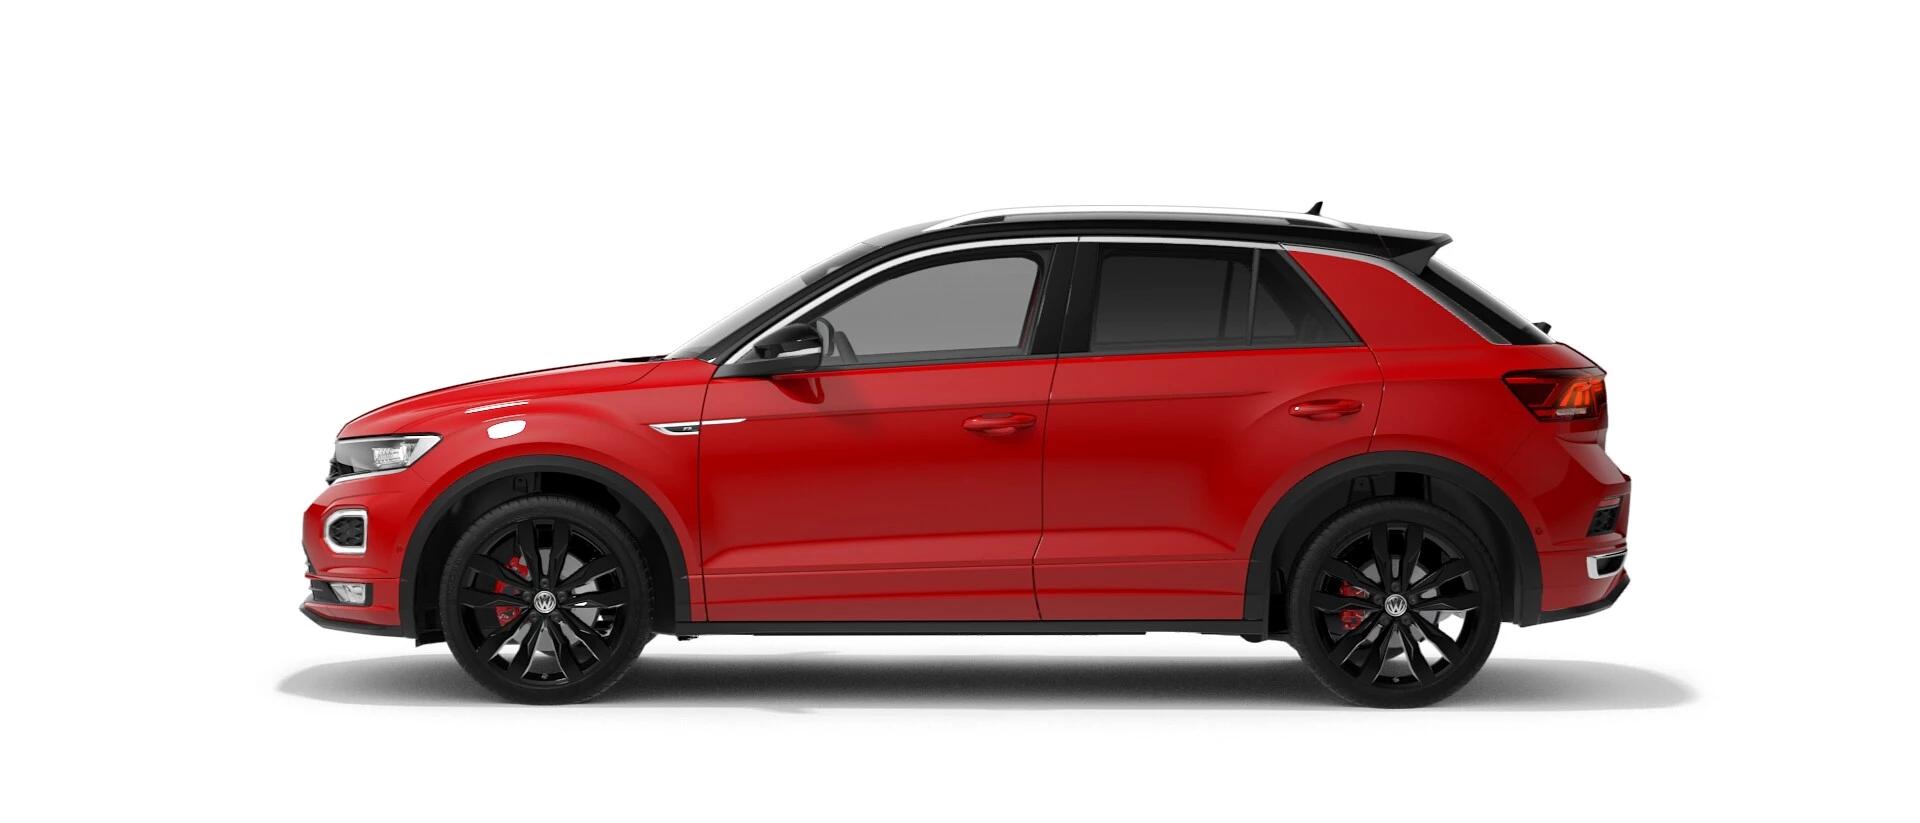 2020 Volkswagen T-Roc T-Roc X Suv